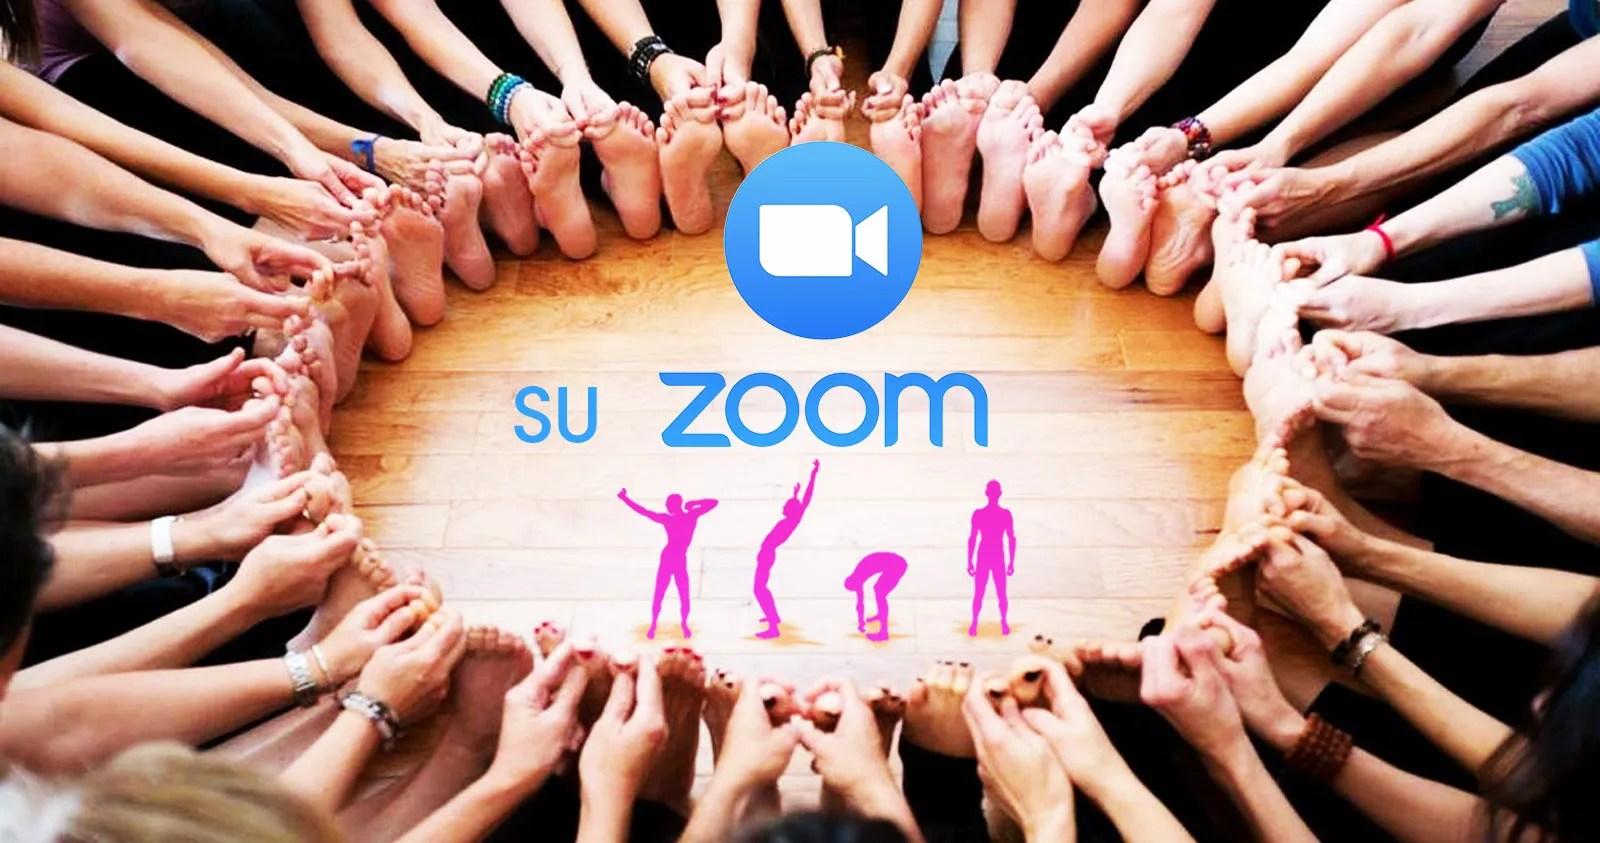 Bioenergetica-online-su-zoom